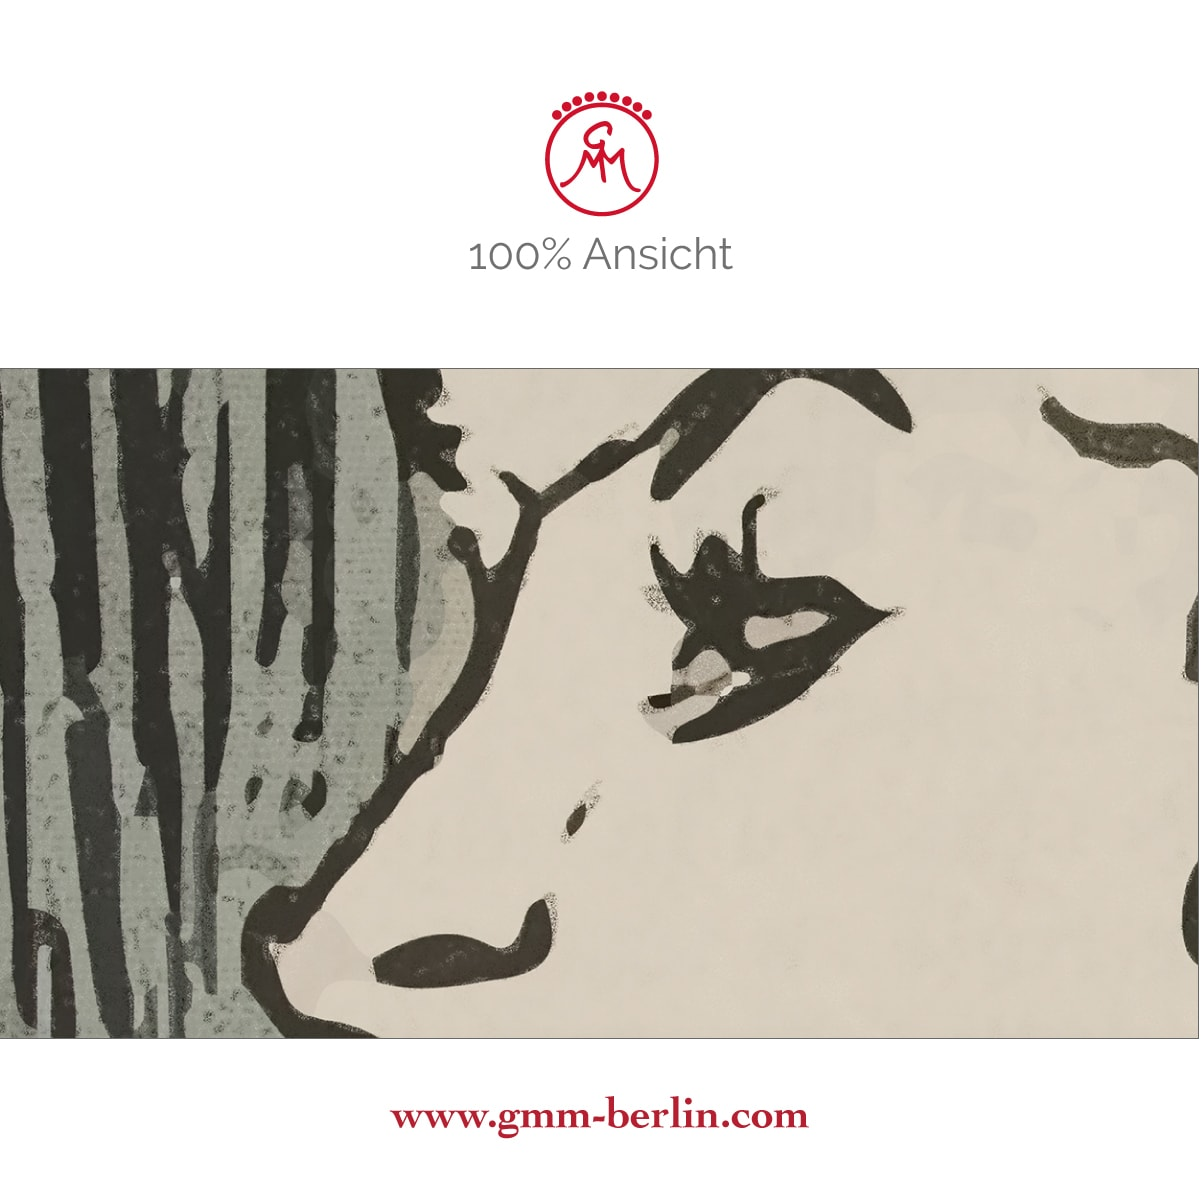 """Kunst Tapete """"Maskenball im Pariser Casino"""" nach Henri de Toulouse-Lautrec aus den Tapeten Neuheiten Exklusive Tapete für schönes Wohnen als Naturaltouch Luxus Vliestapete oder Basic Vliestapete"""